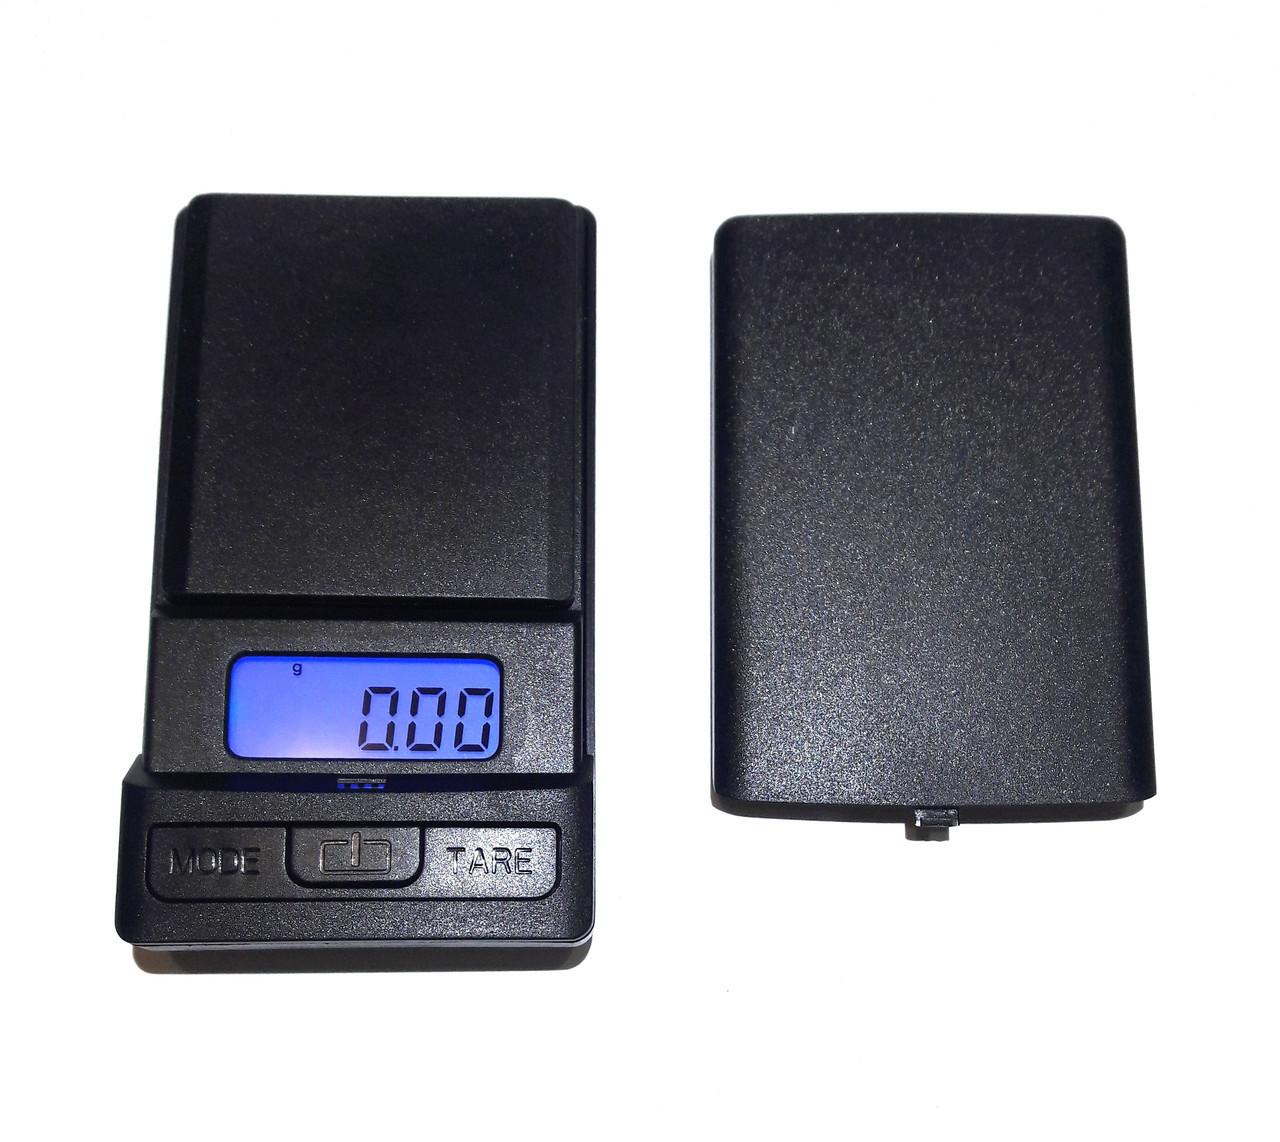 Ювелирные весы DTN-200, фото 1